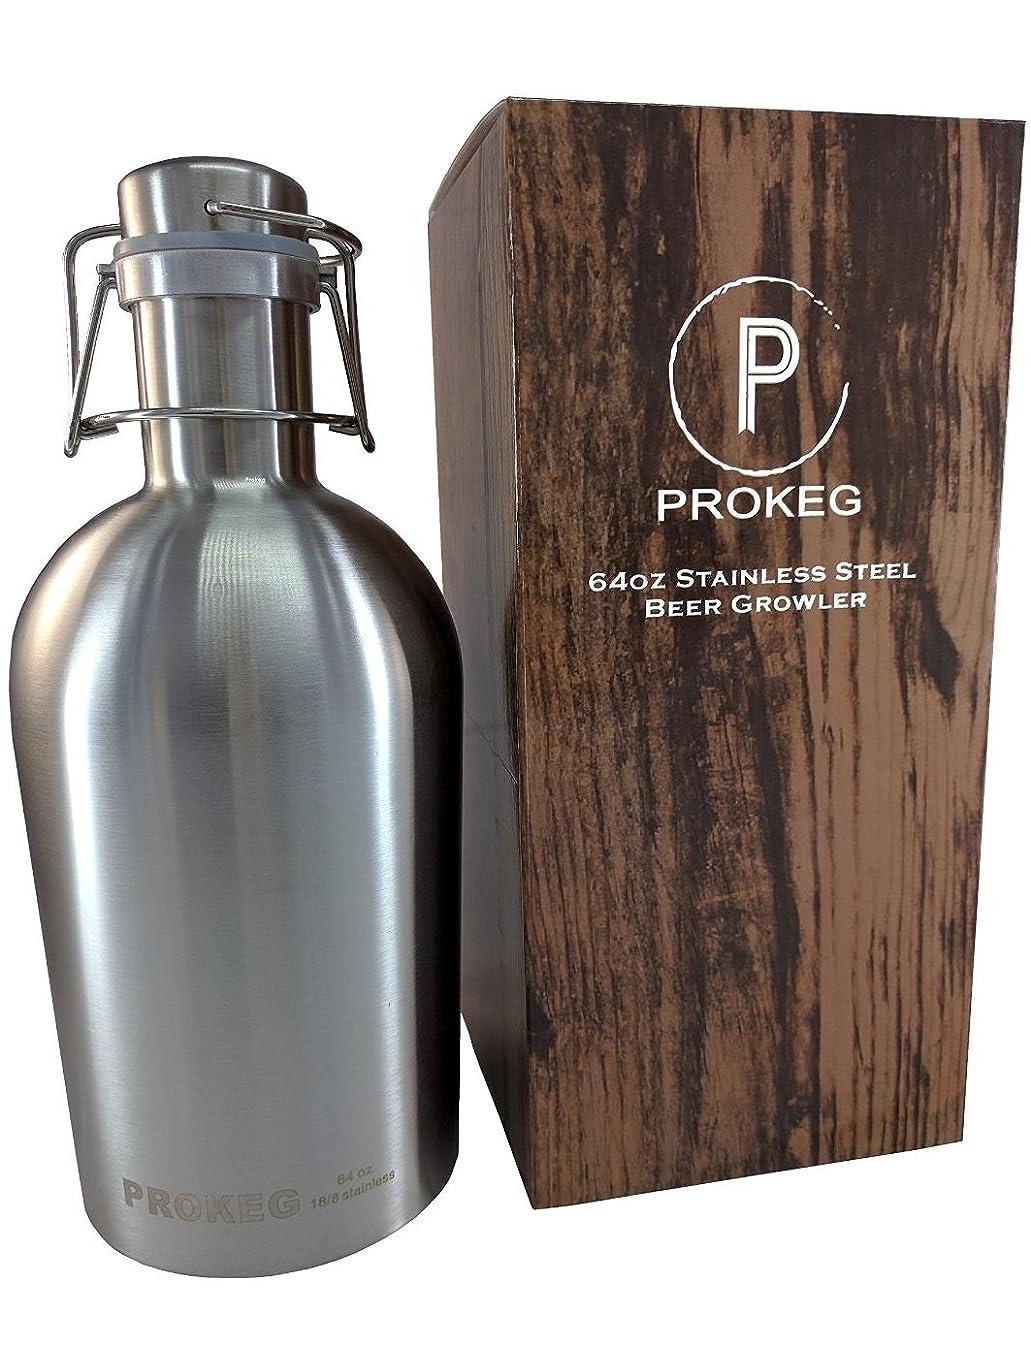 PROKEG - Stainless Steel Beer Growler 64oz 2L Flip Top Single Wall PREMIUM Growlers